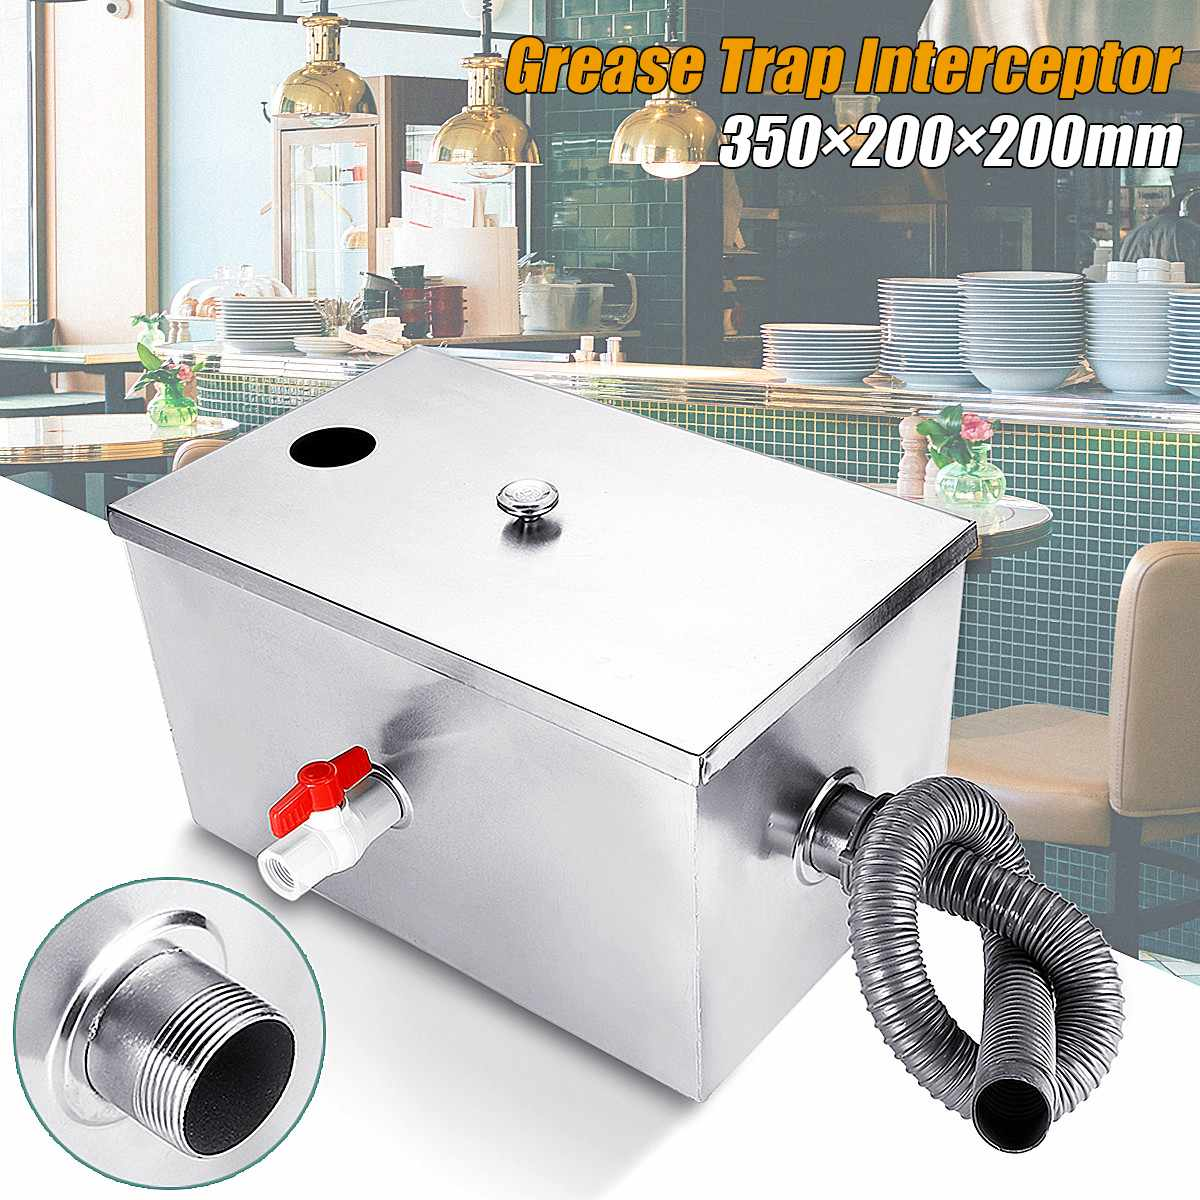 14x8x8 Stainless Steel Grease Trap Interceptor Restaurant Kitchen Wastewater14x8x8 Stainless Steel Grease Trap Interceptor Restaurant Kitchen Wastewater